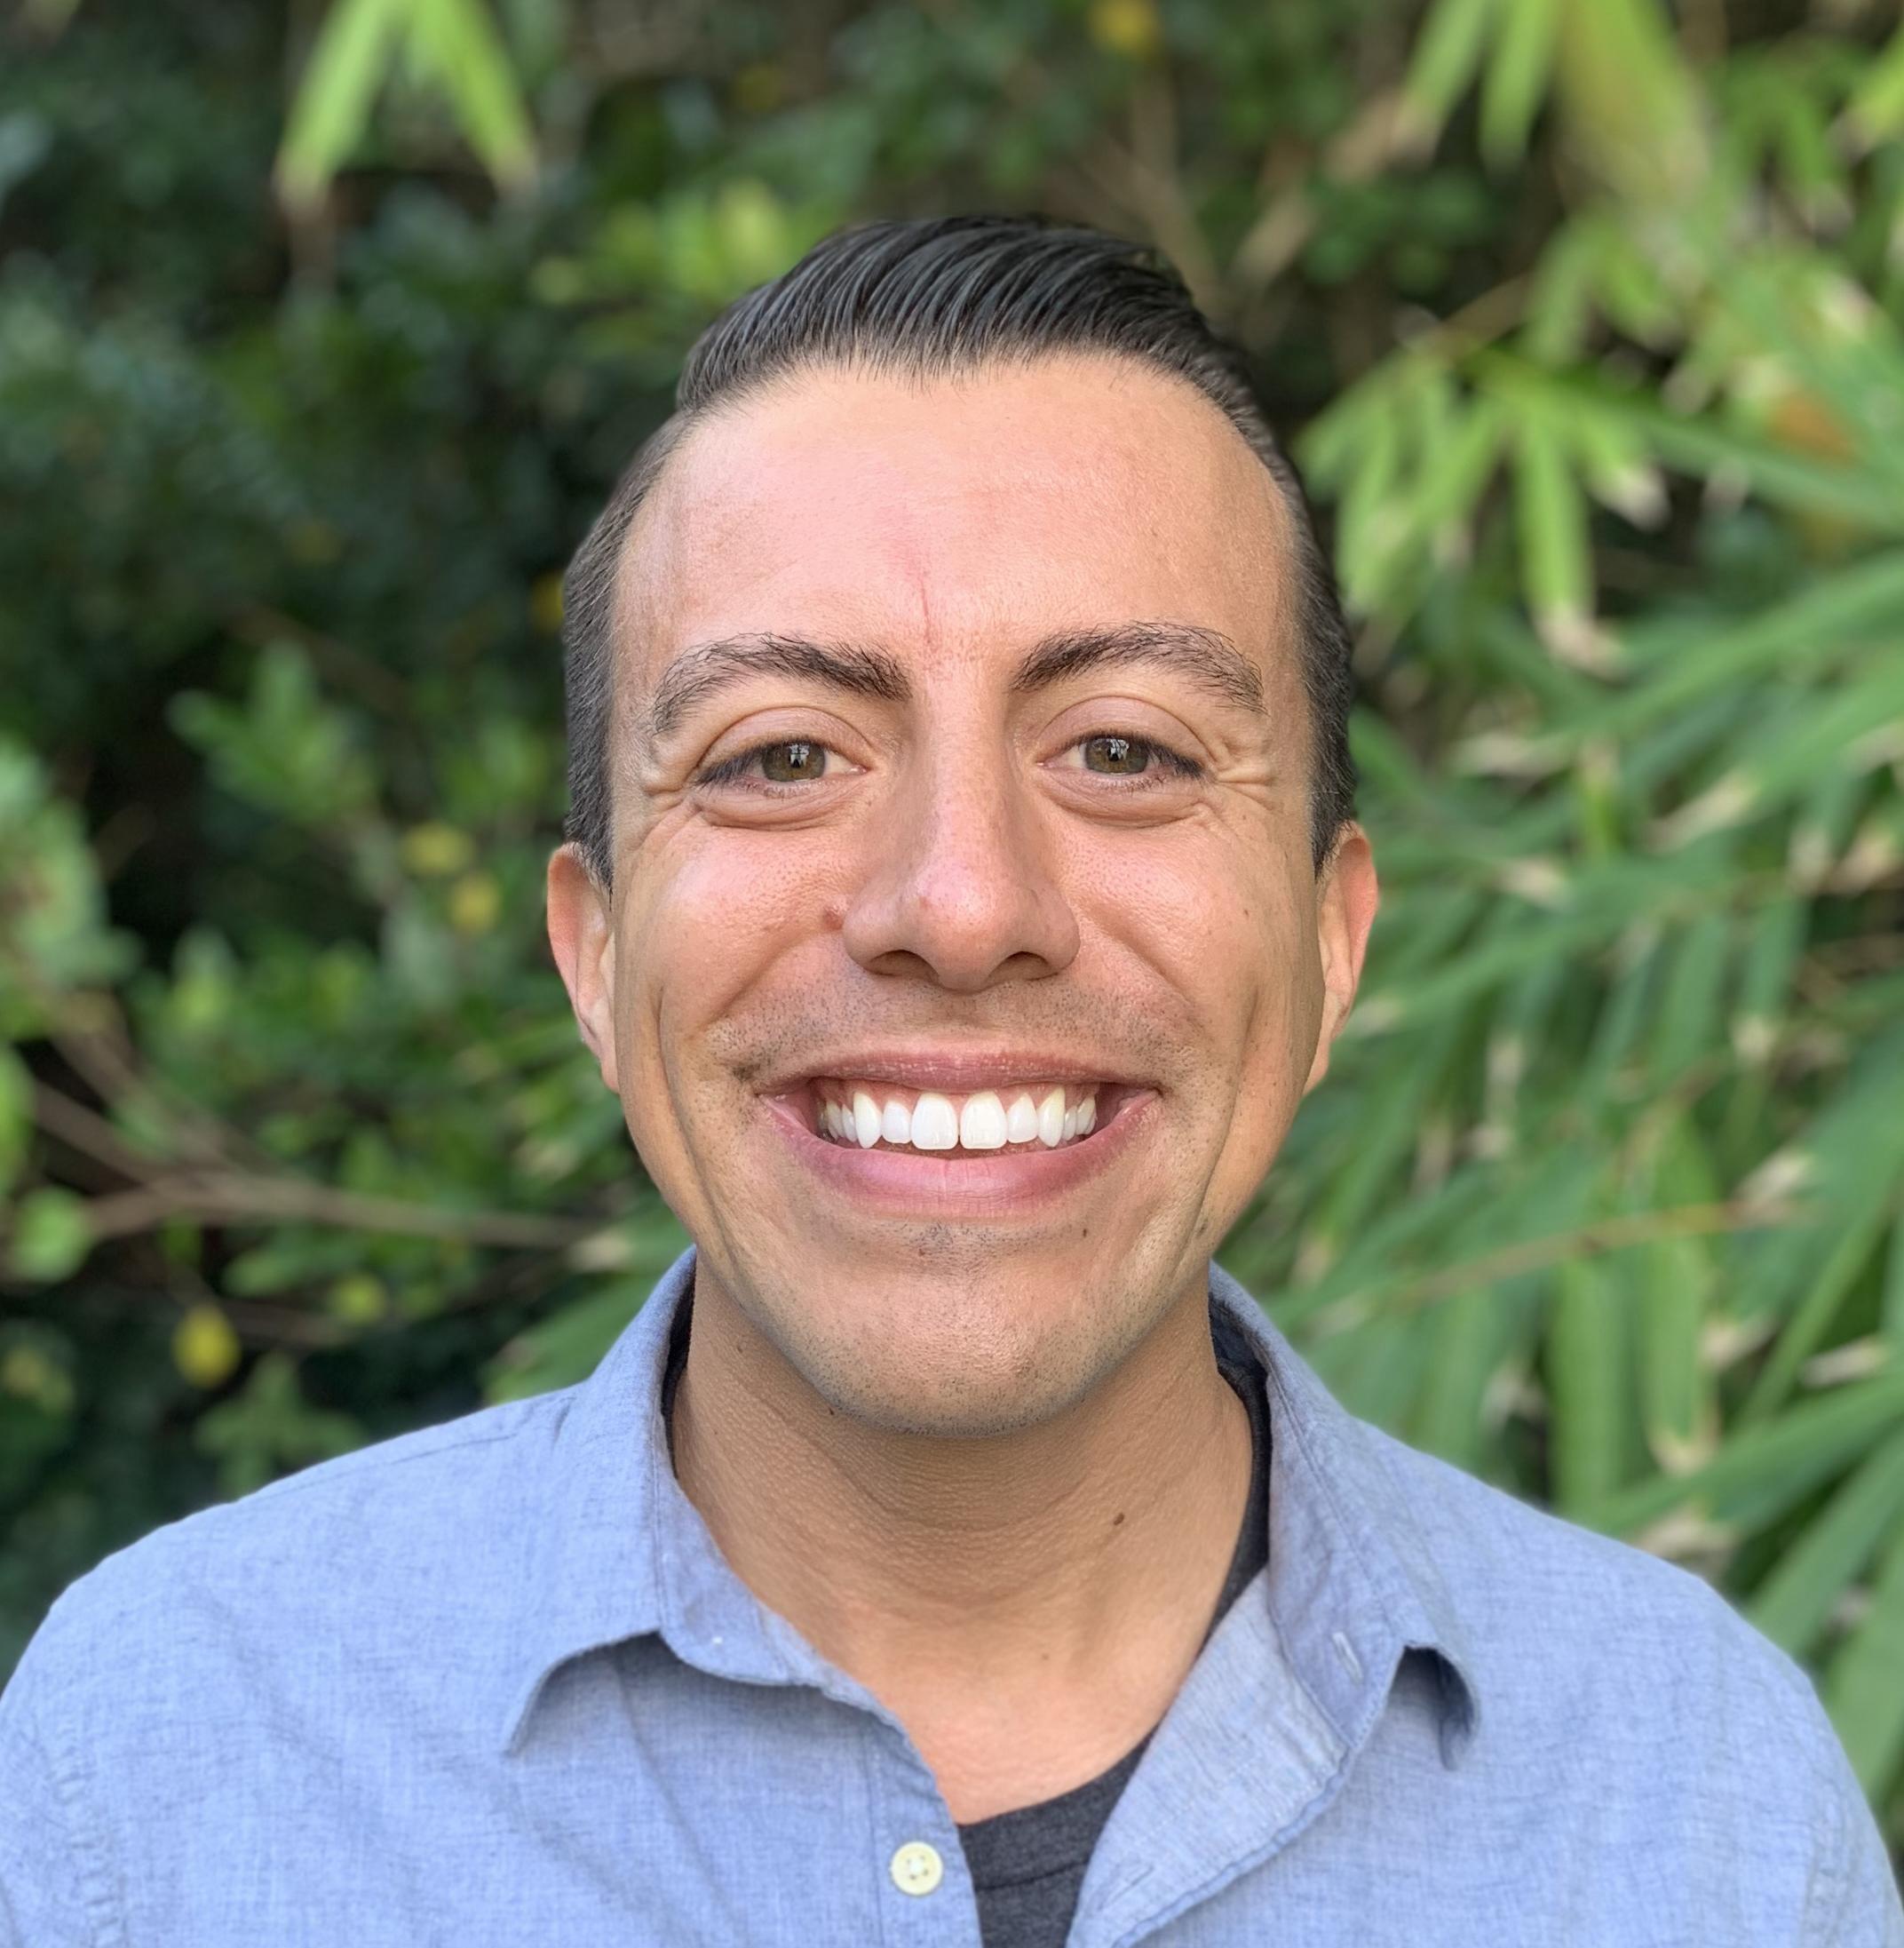 Matthew Melendrez